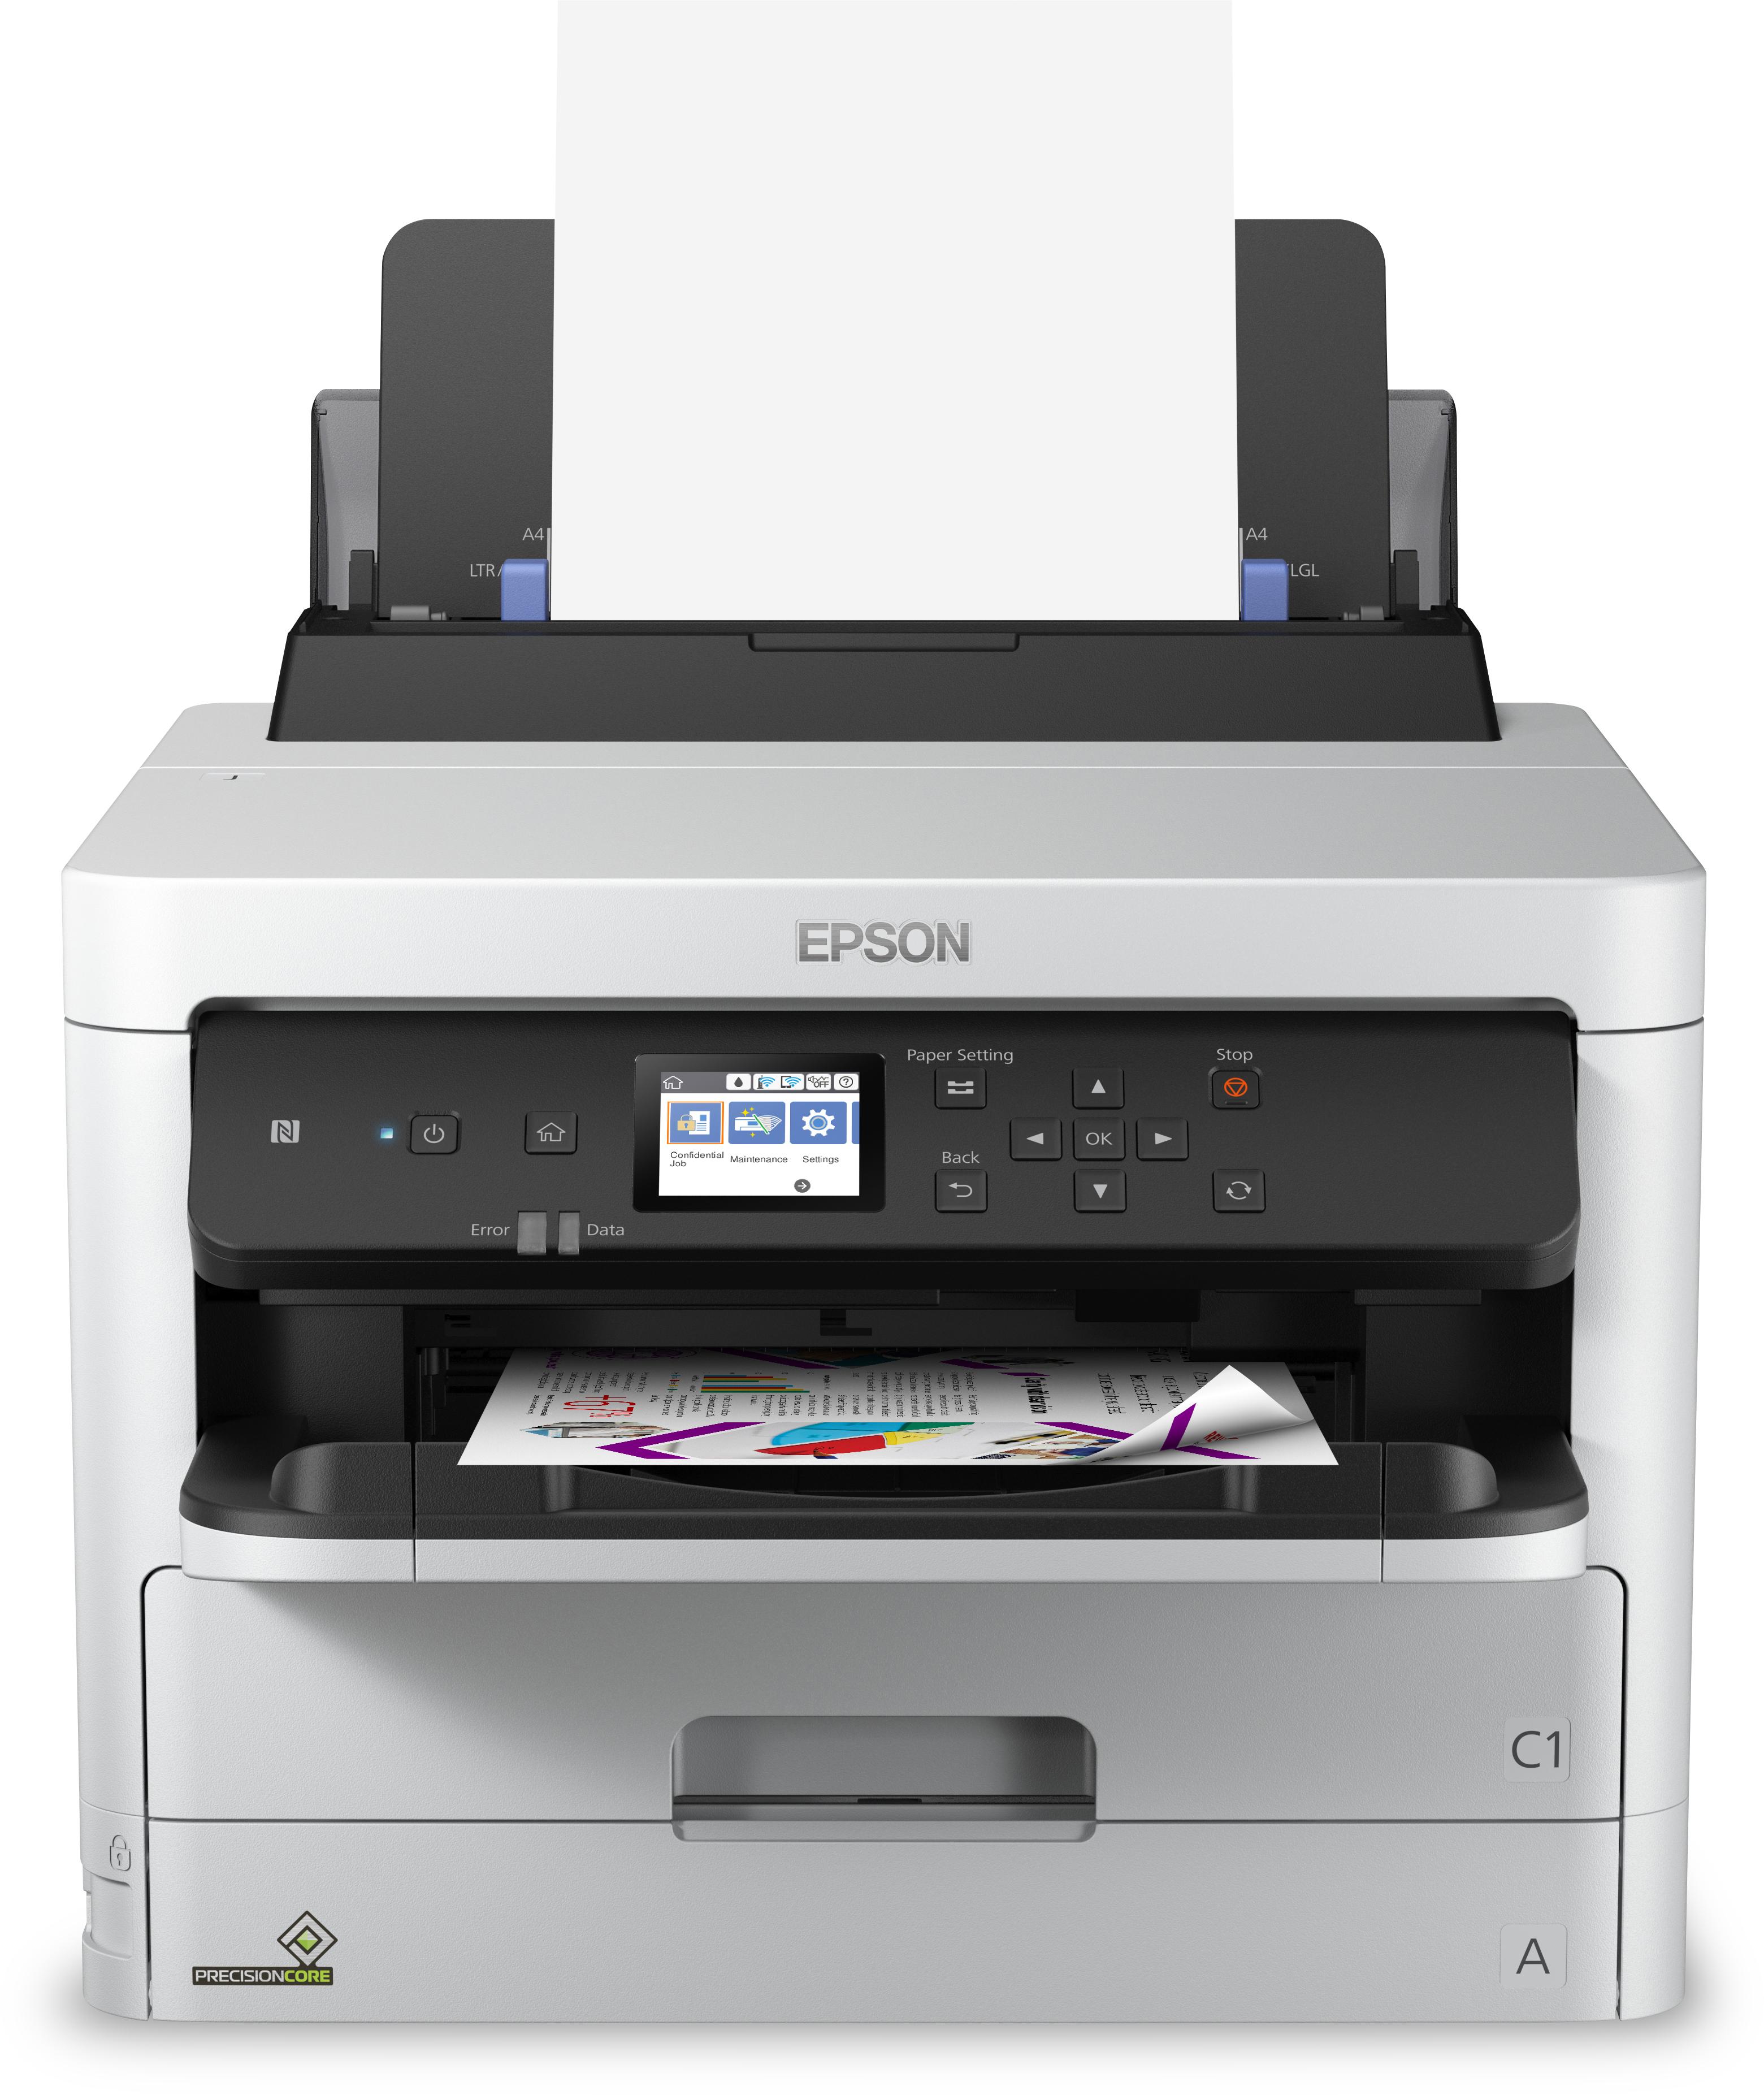 Noleggio Stampante WorkForce Pro WF-C5290DW - Lyreco print services